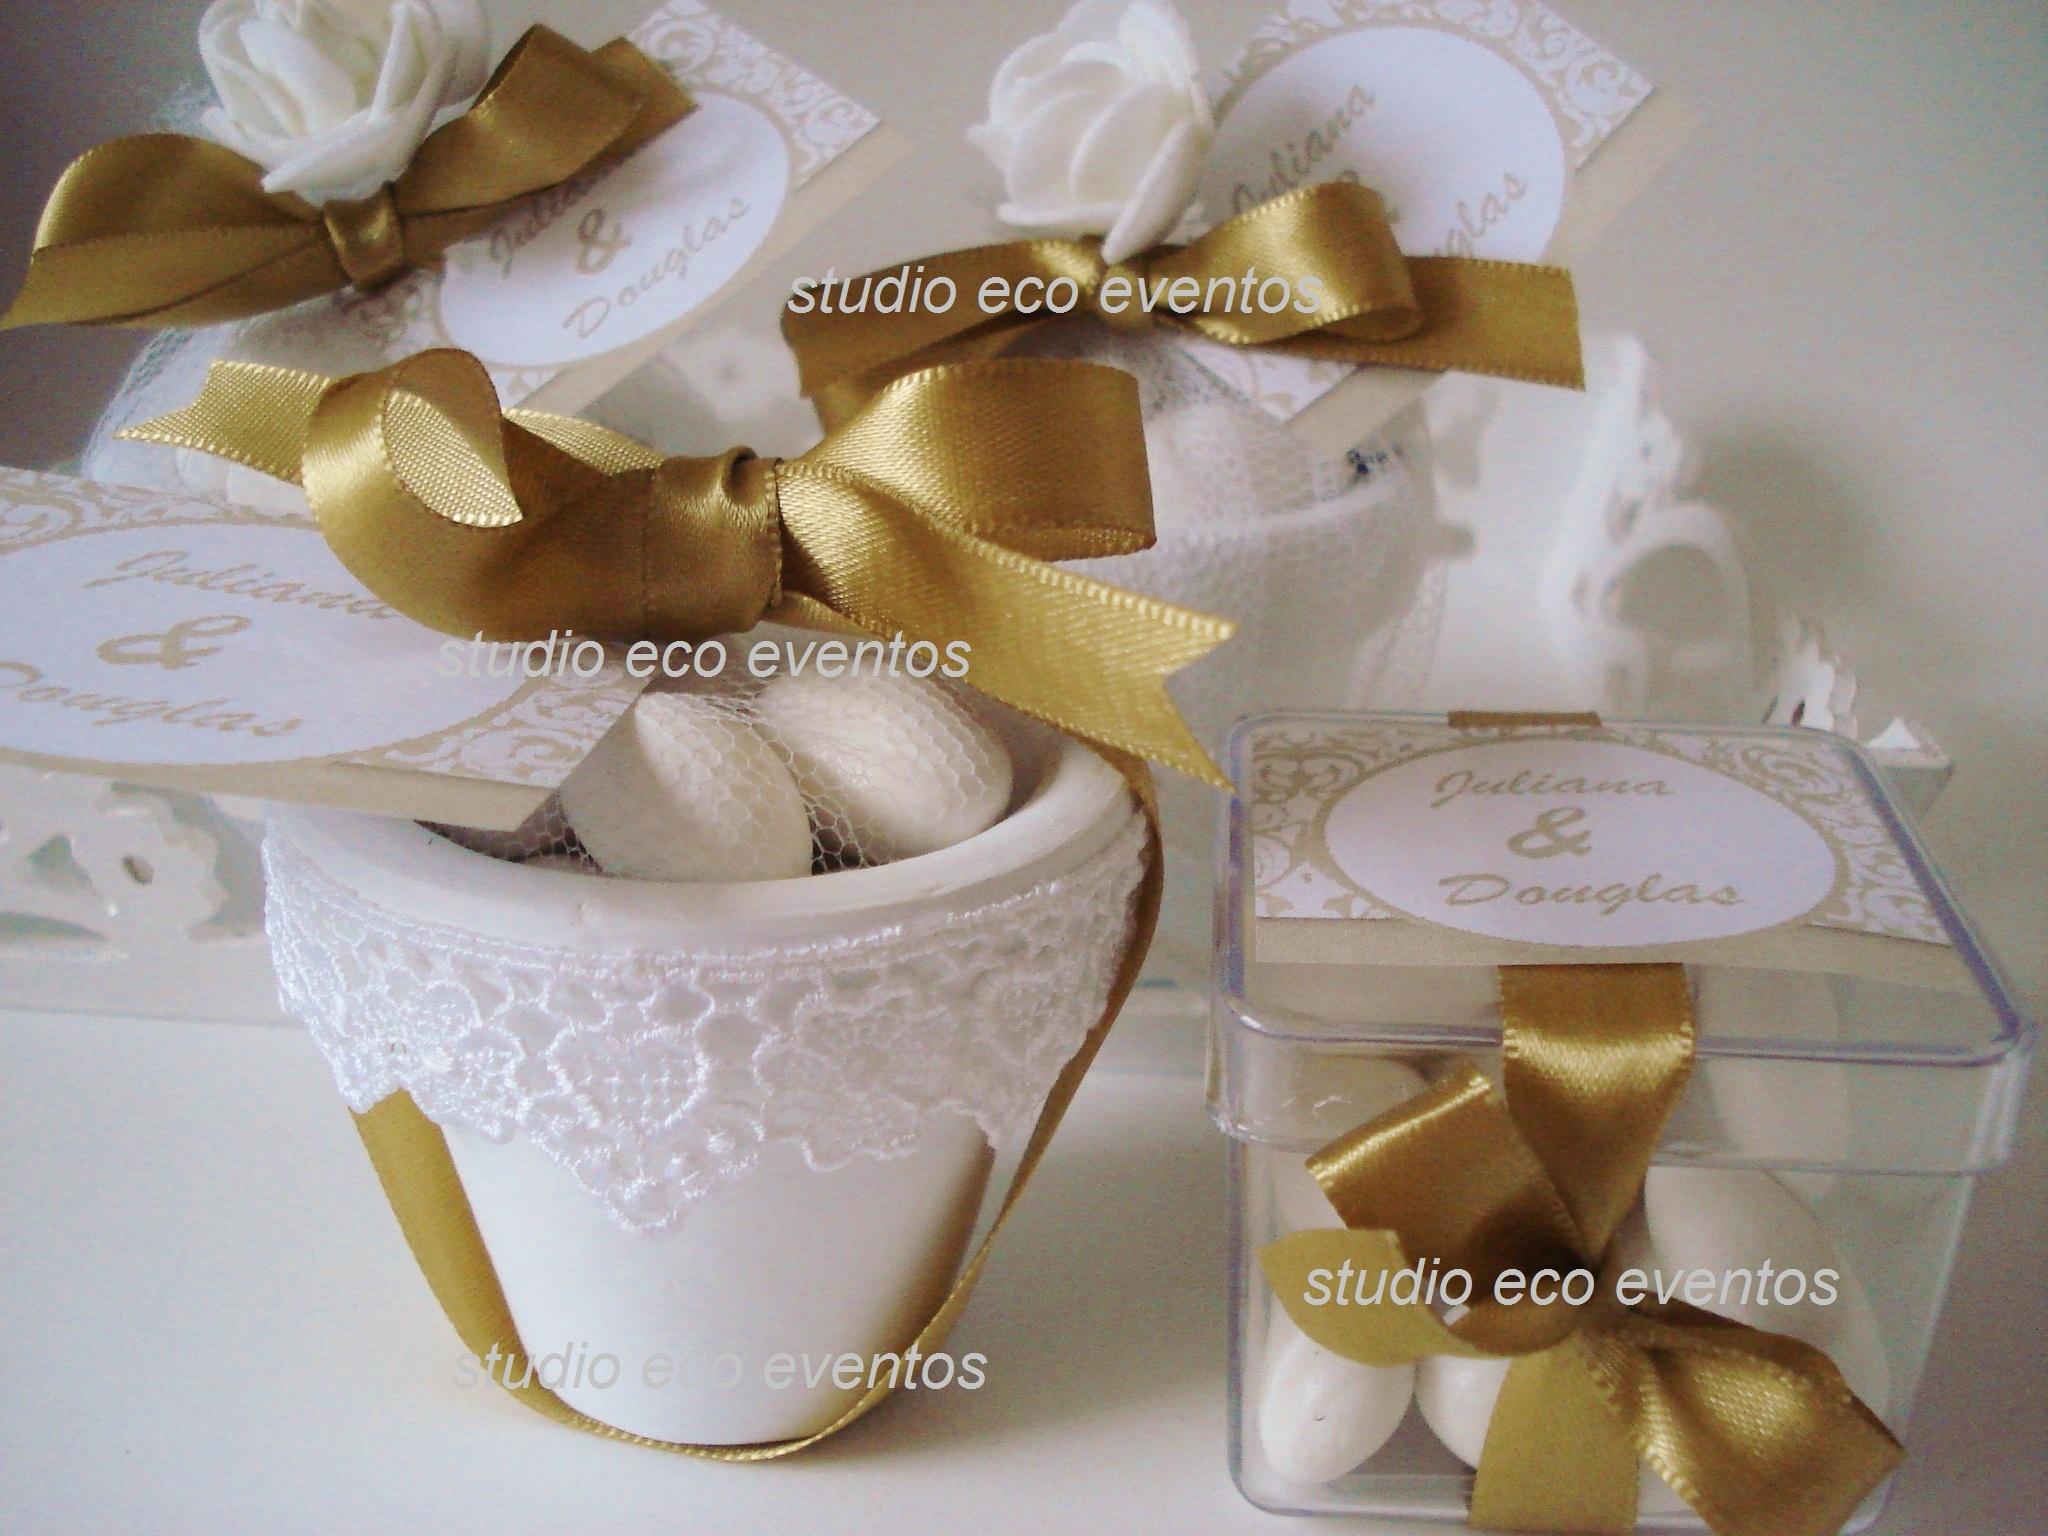 decoracao branca e dourada para casamento : decoracao branca e dourada para casamento:dourado mimos casamento branco e dourado mimos casamento branco e